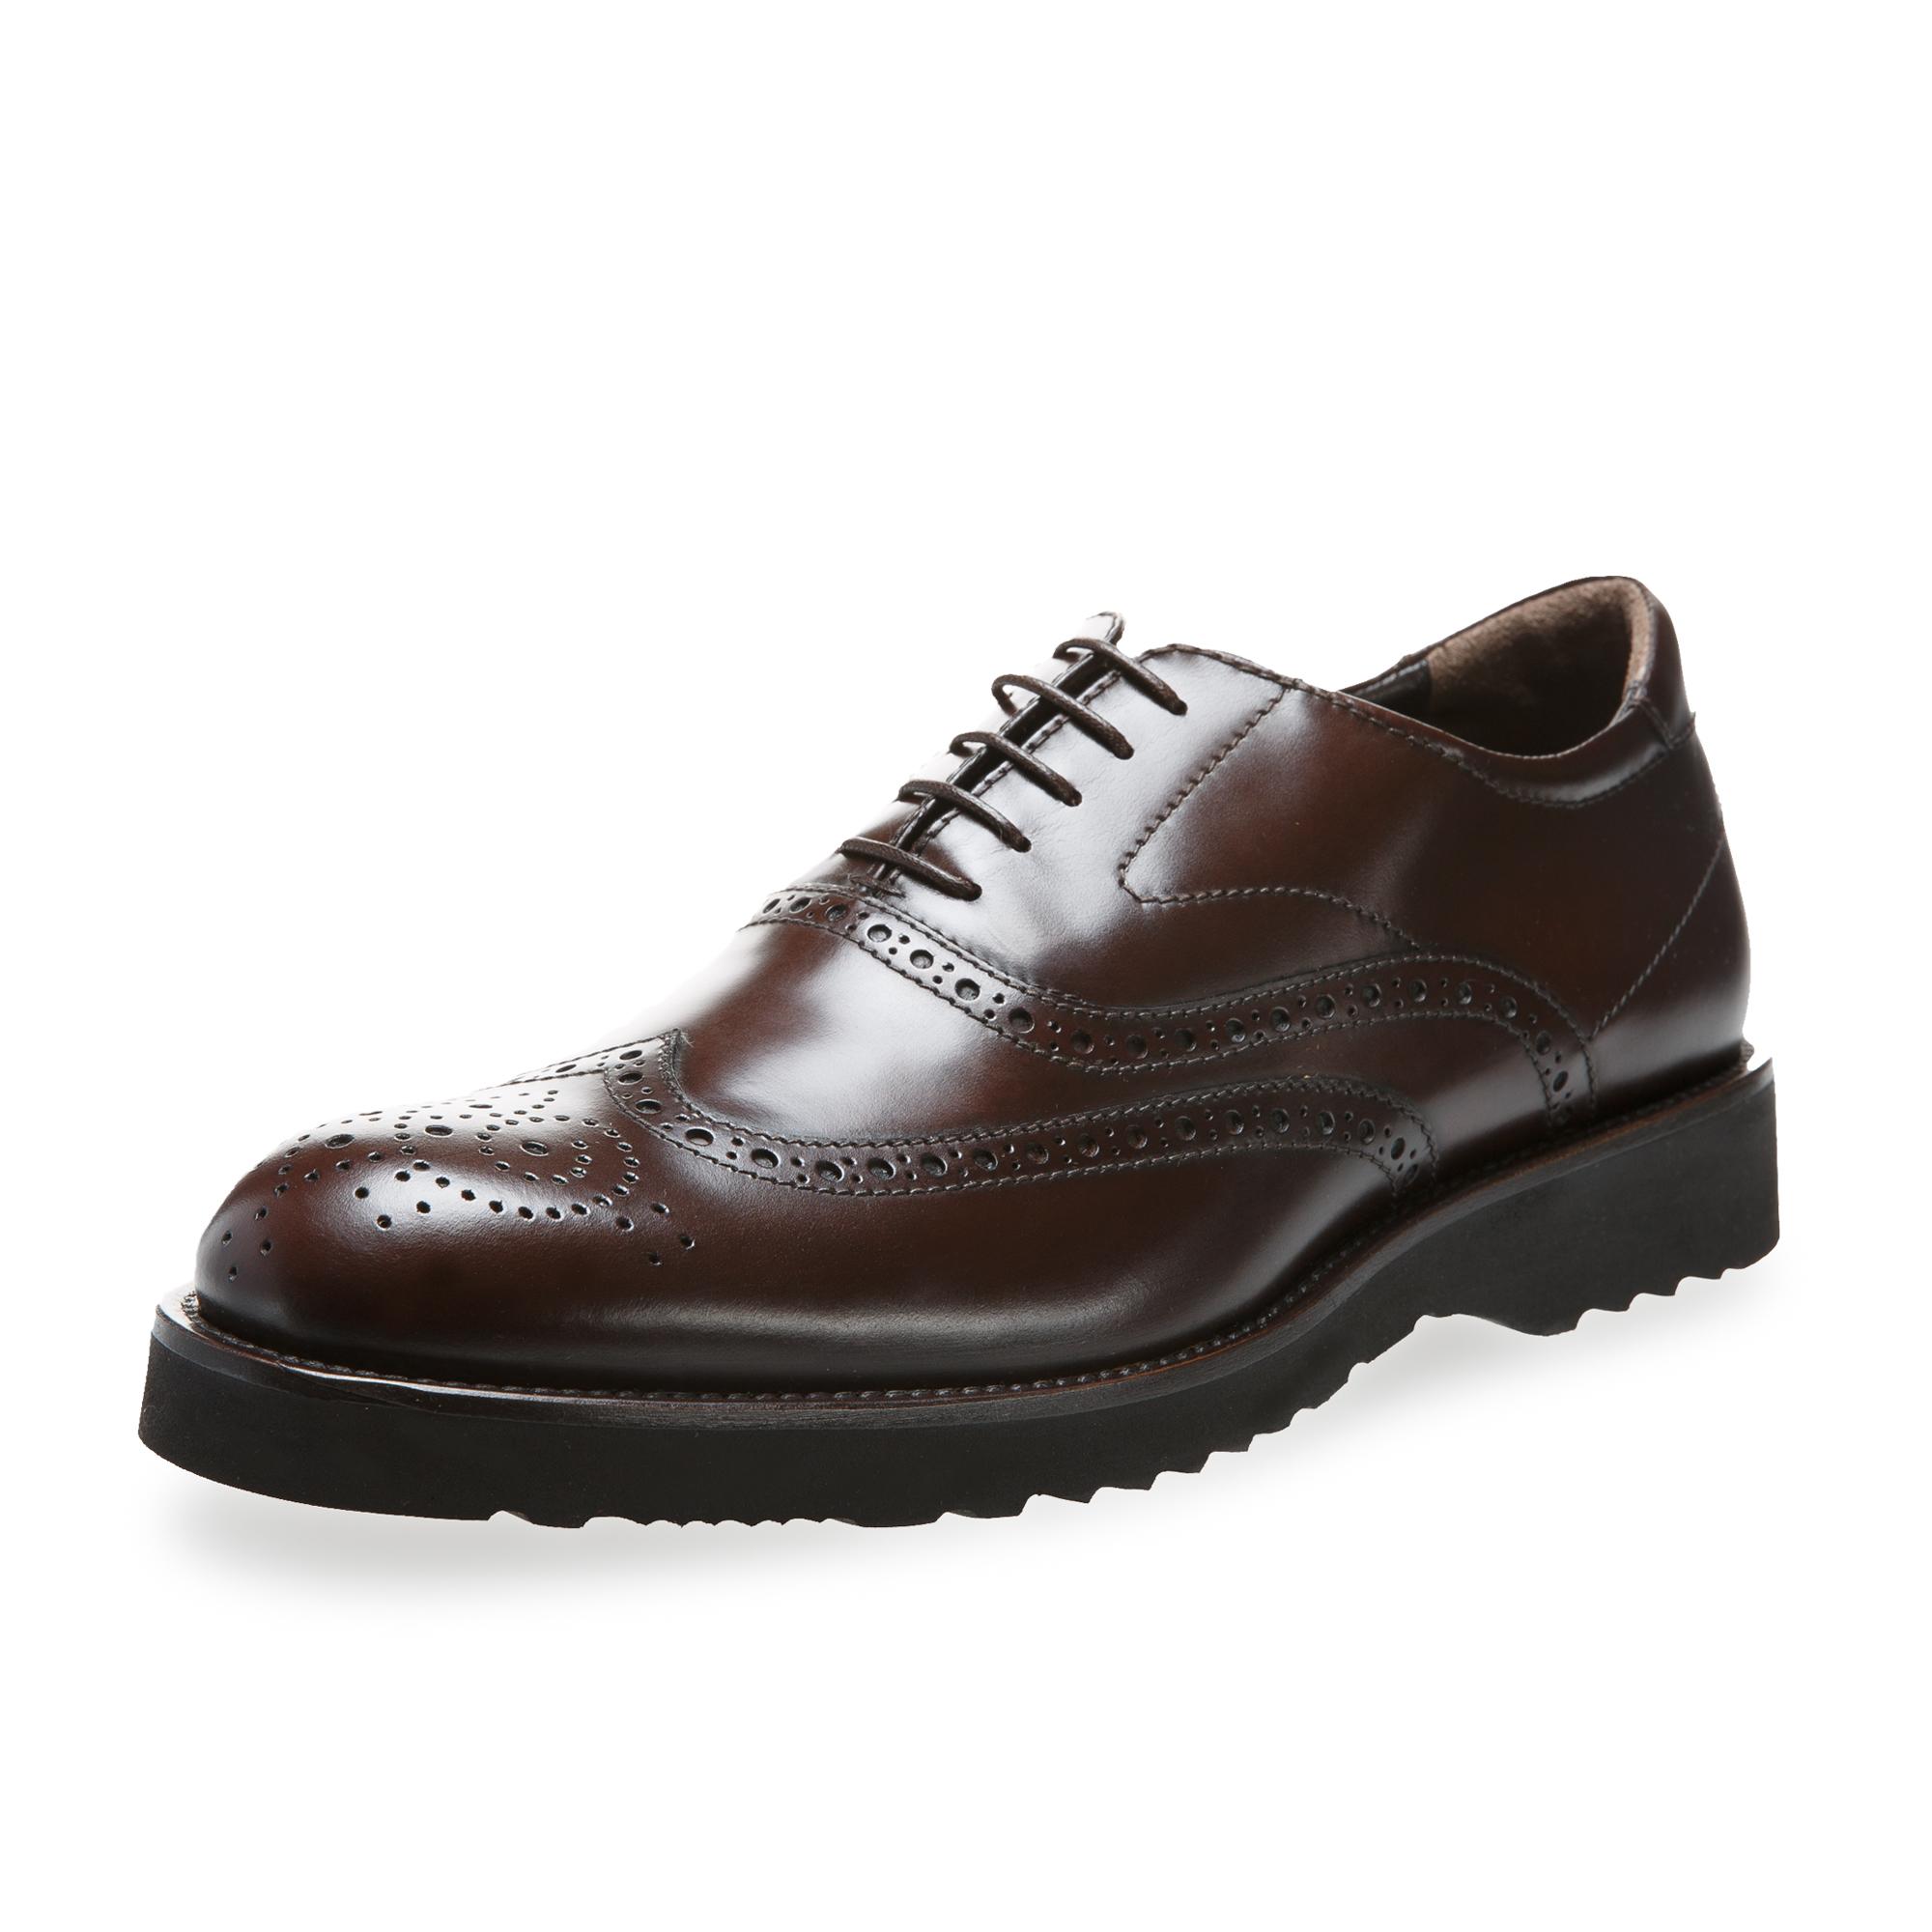 意大利原产germano bellesi系带花纹圆头牛皮鞋男皮鞋445 深棕色 41